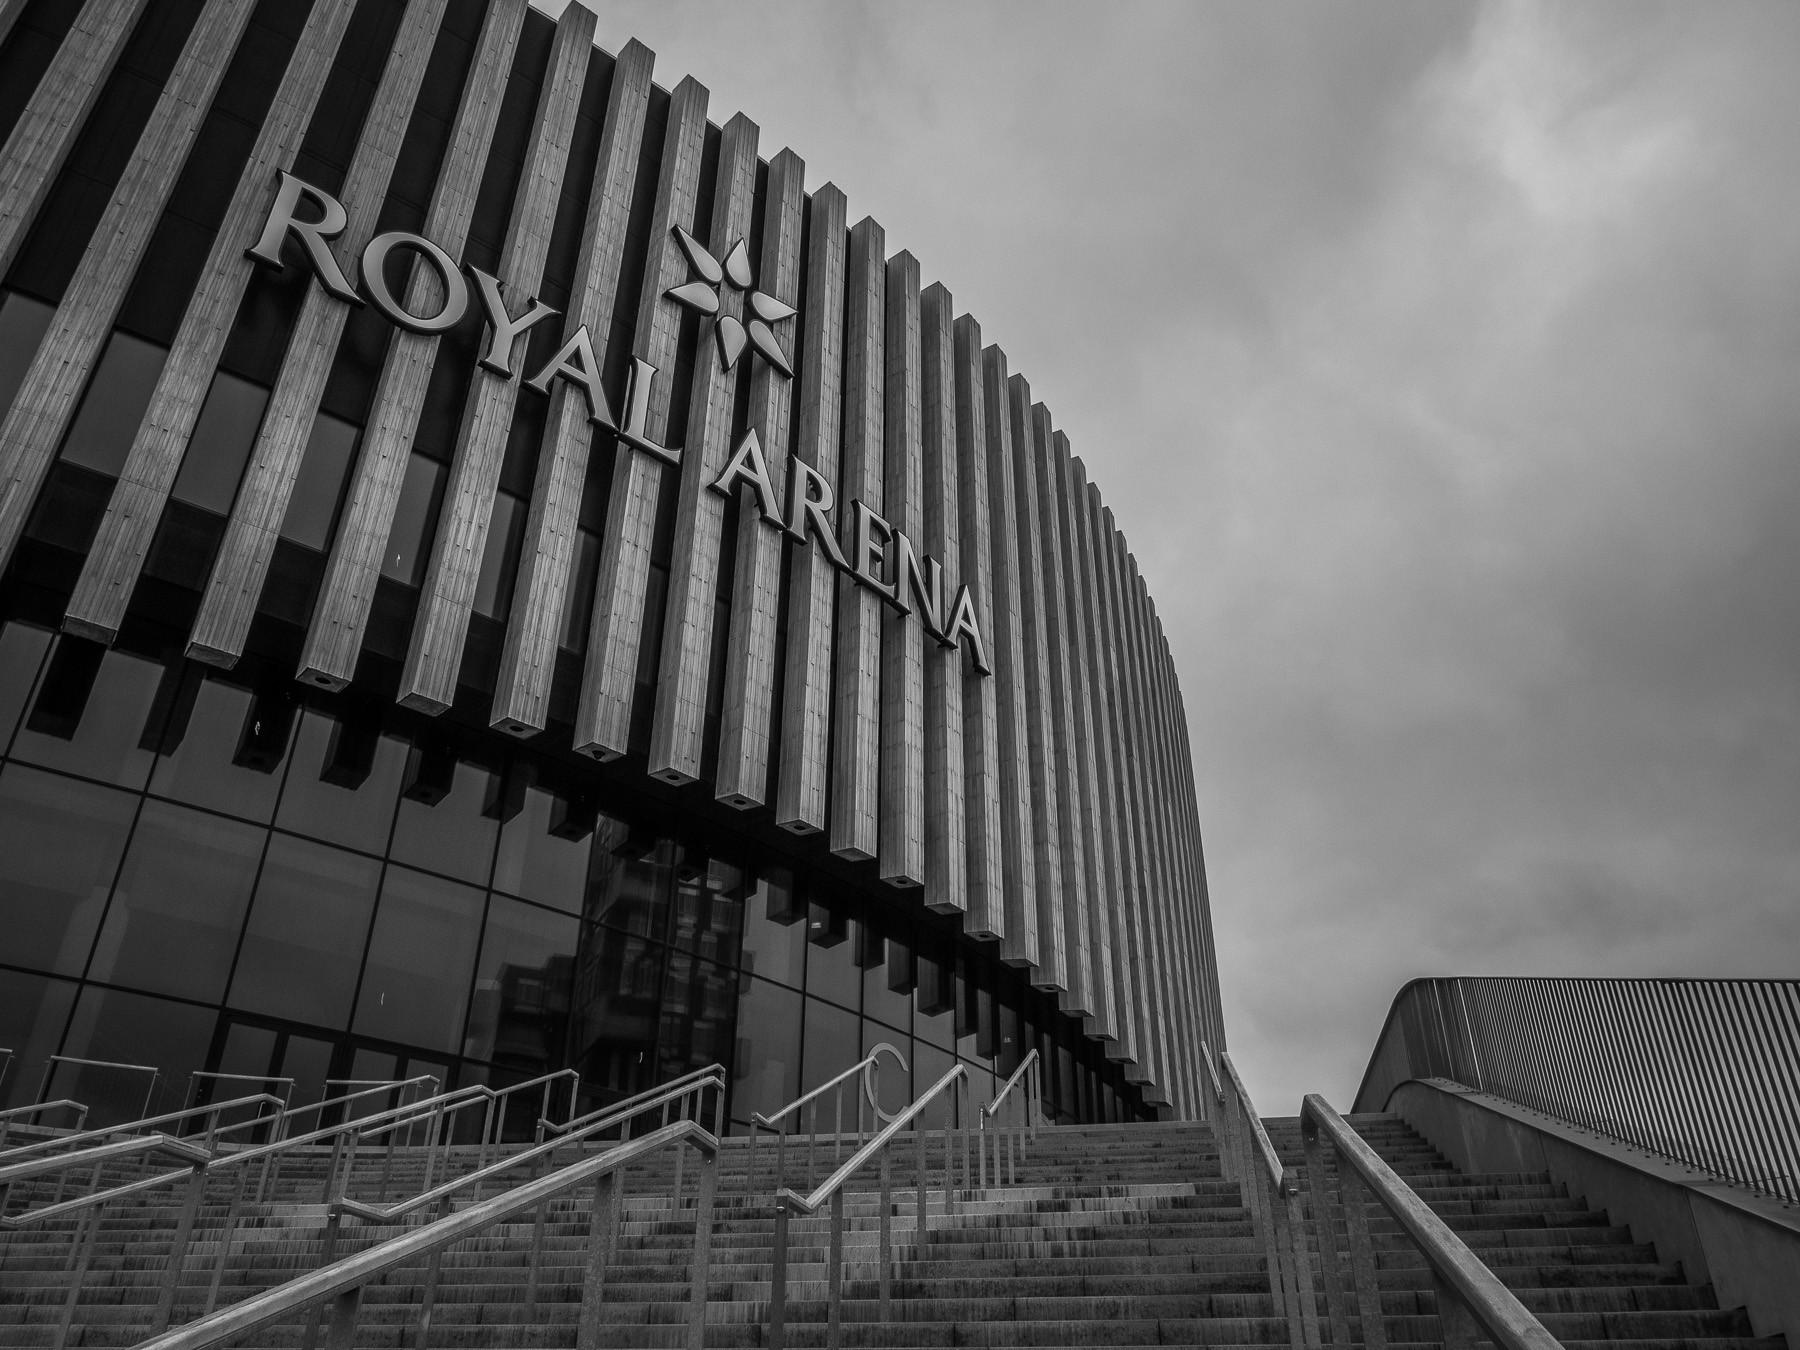 Royal Arena, Ørestad